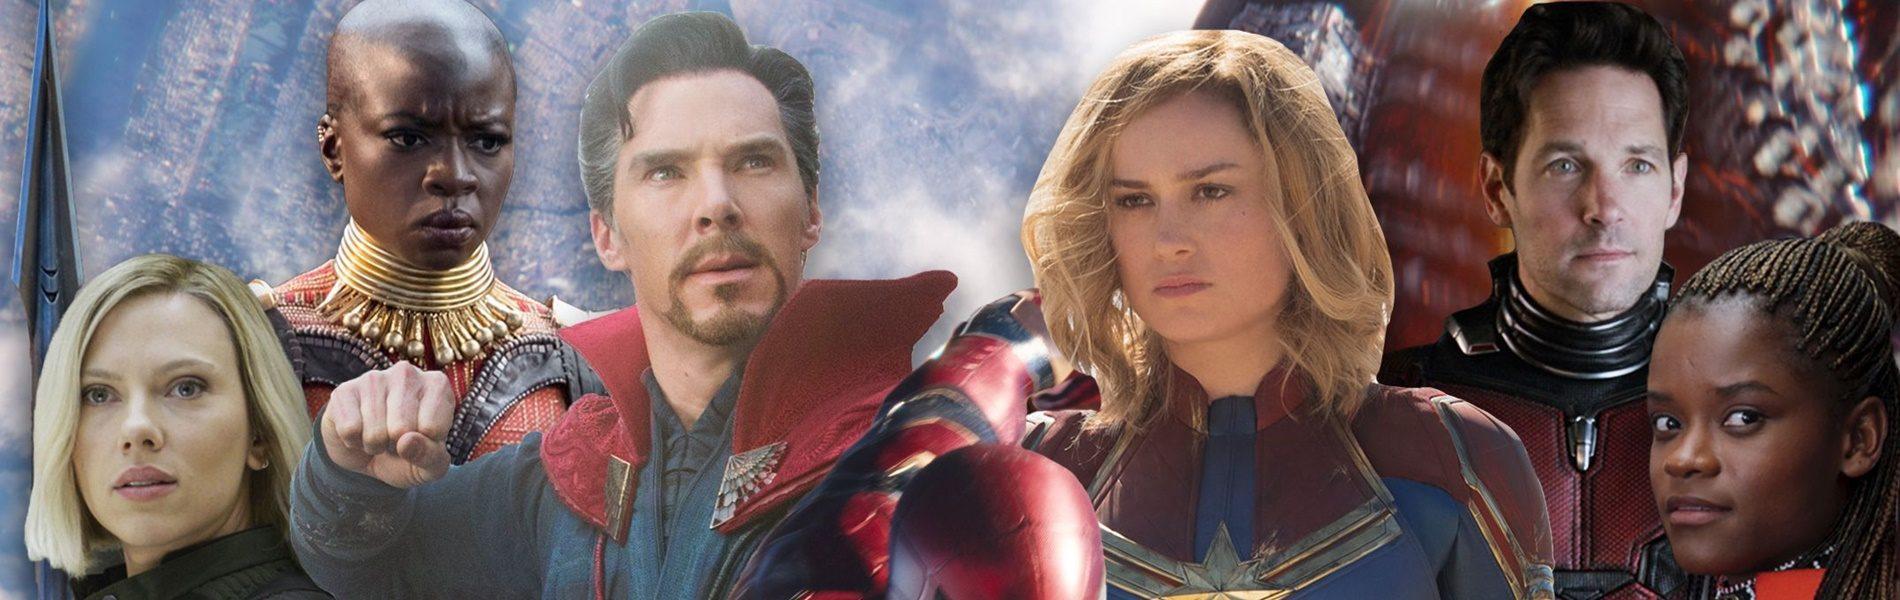 Csak 10 év múlva jön a következő Bosszúállók-film?